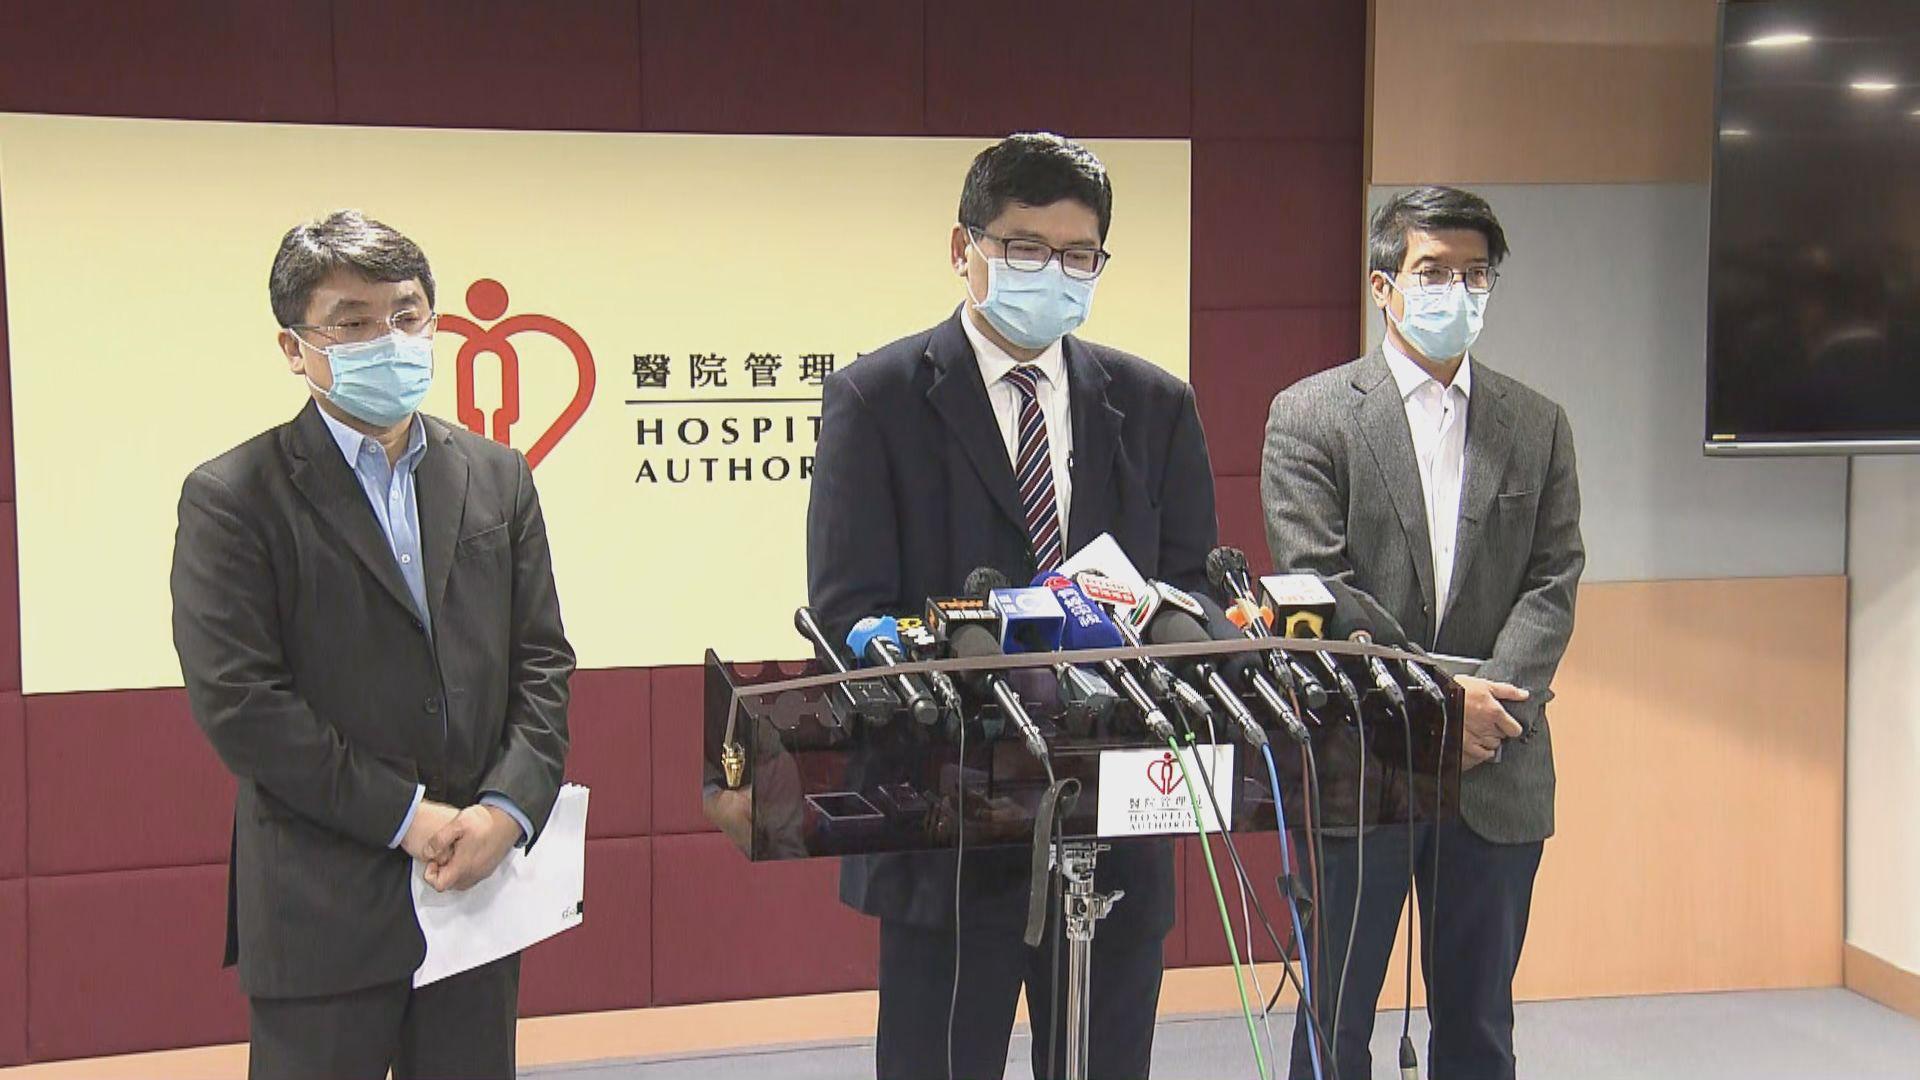 醫管局:視乎罷工人數再削減非緊急服務